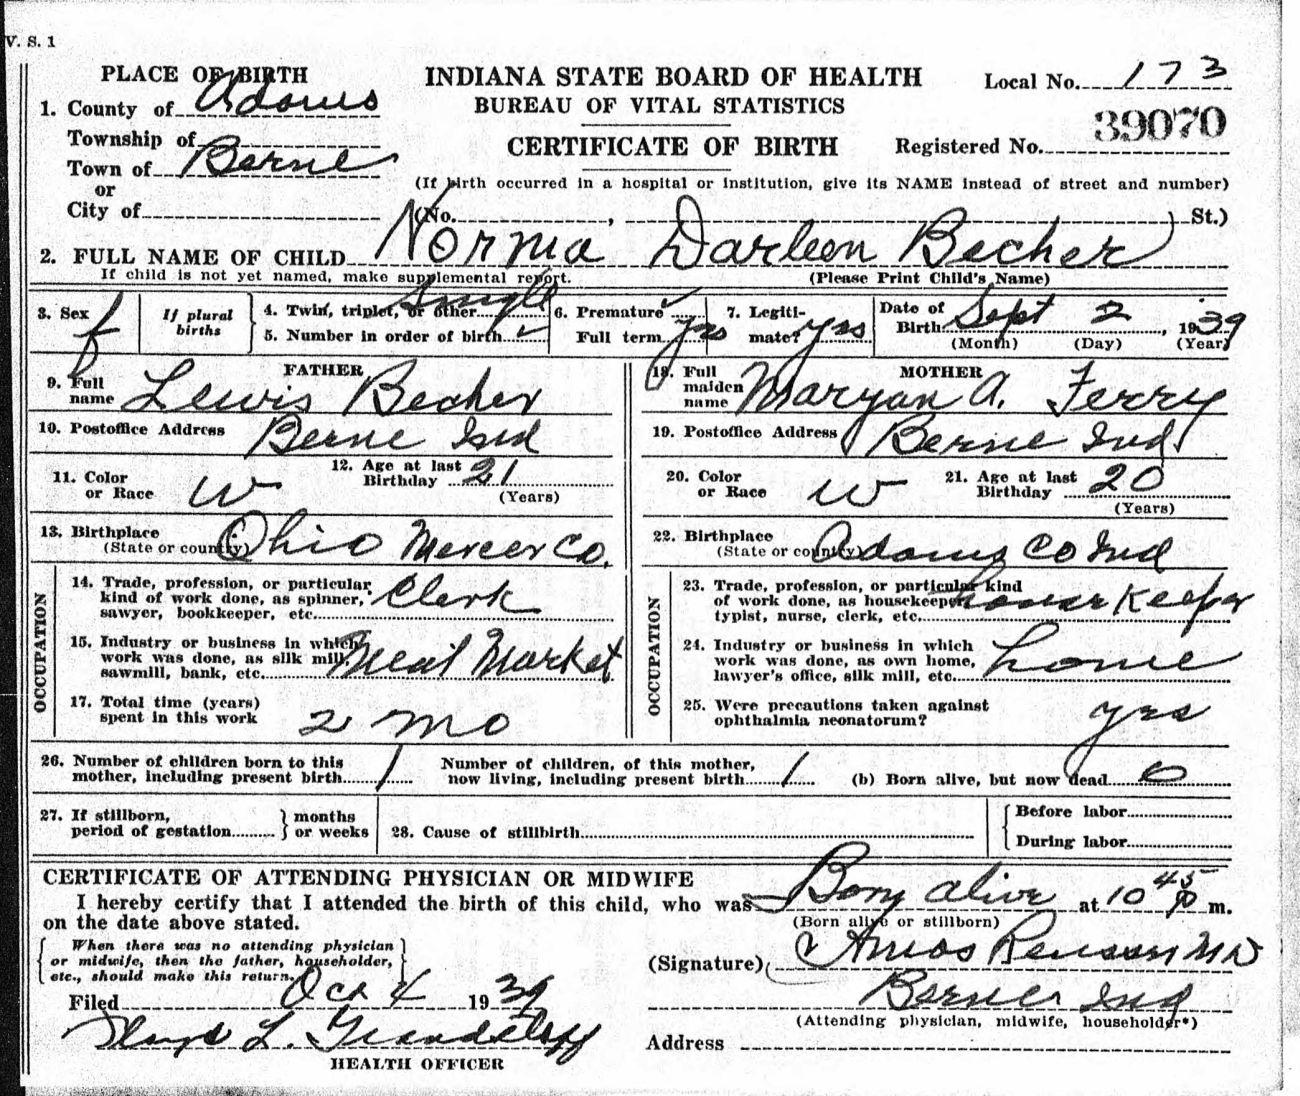 Tombstone tuesdaydarleene becher karens chatt darleene becher birth certificate 1 aiddatafo Choice Image